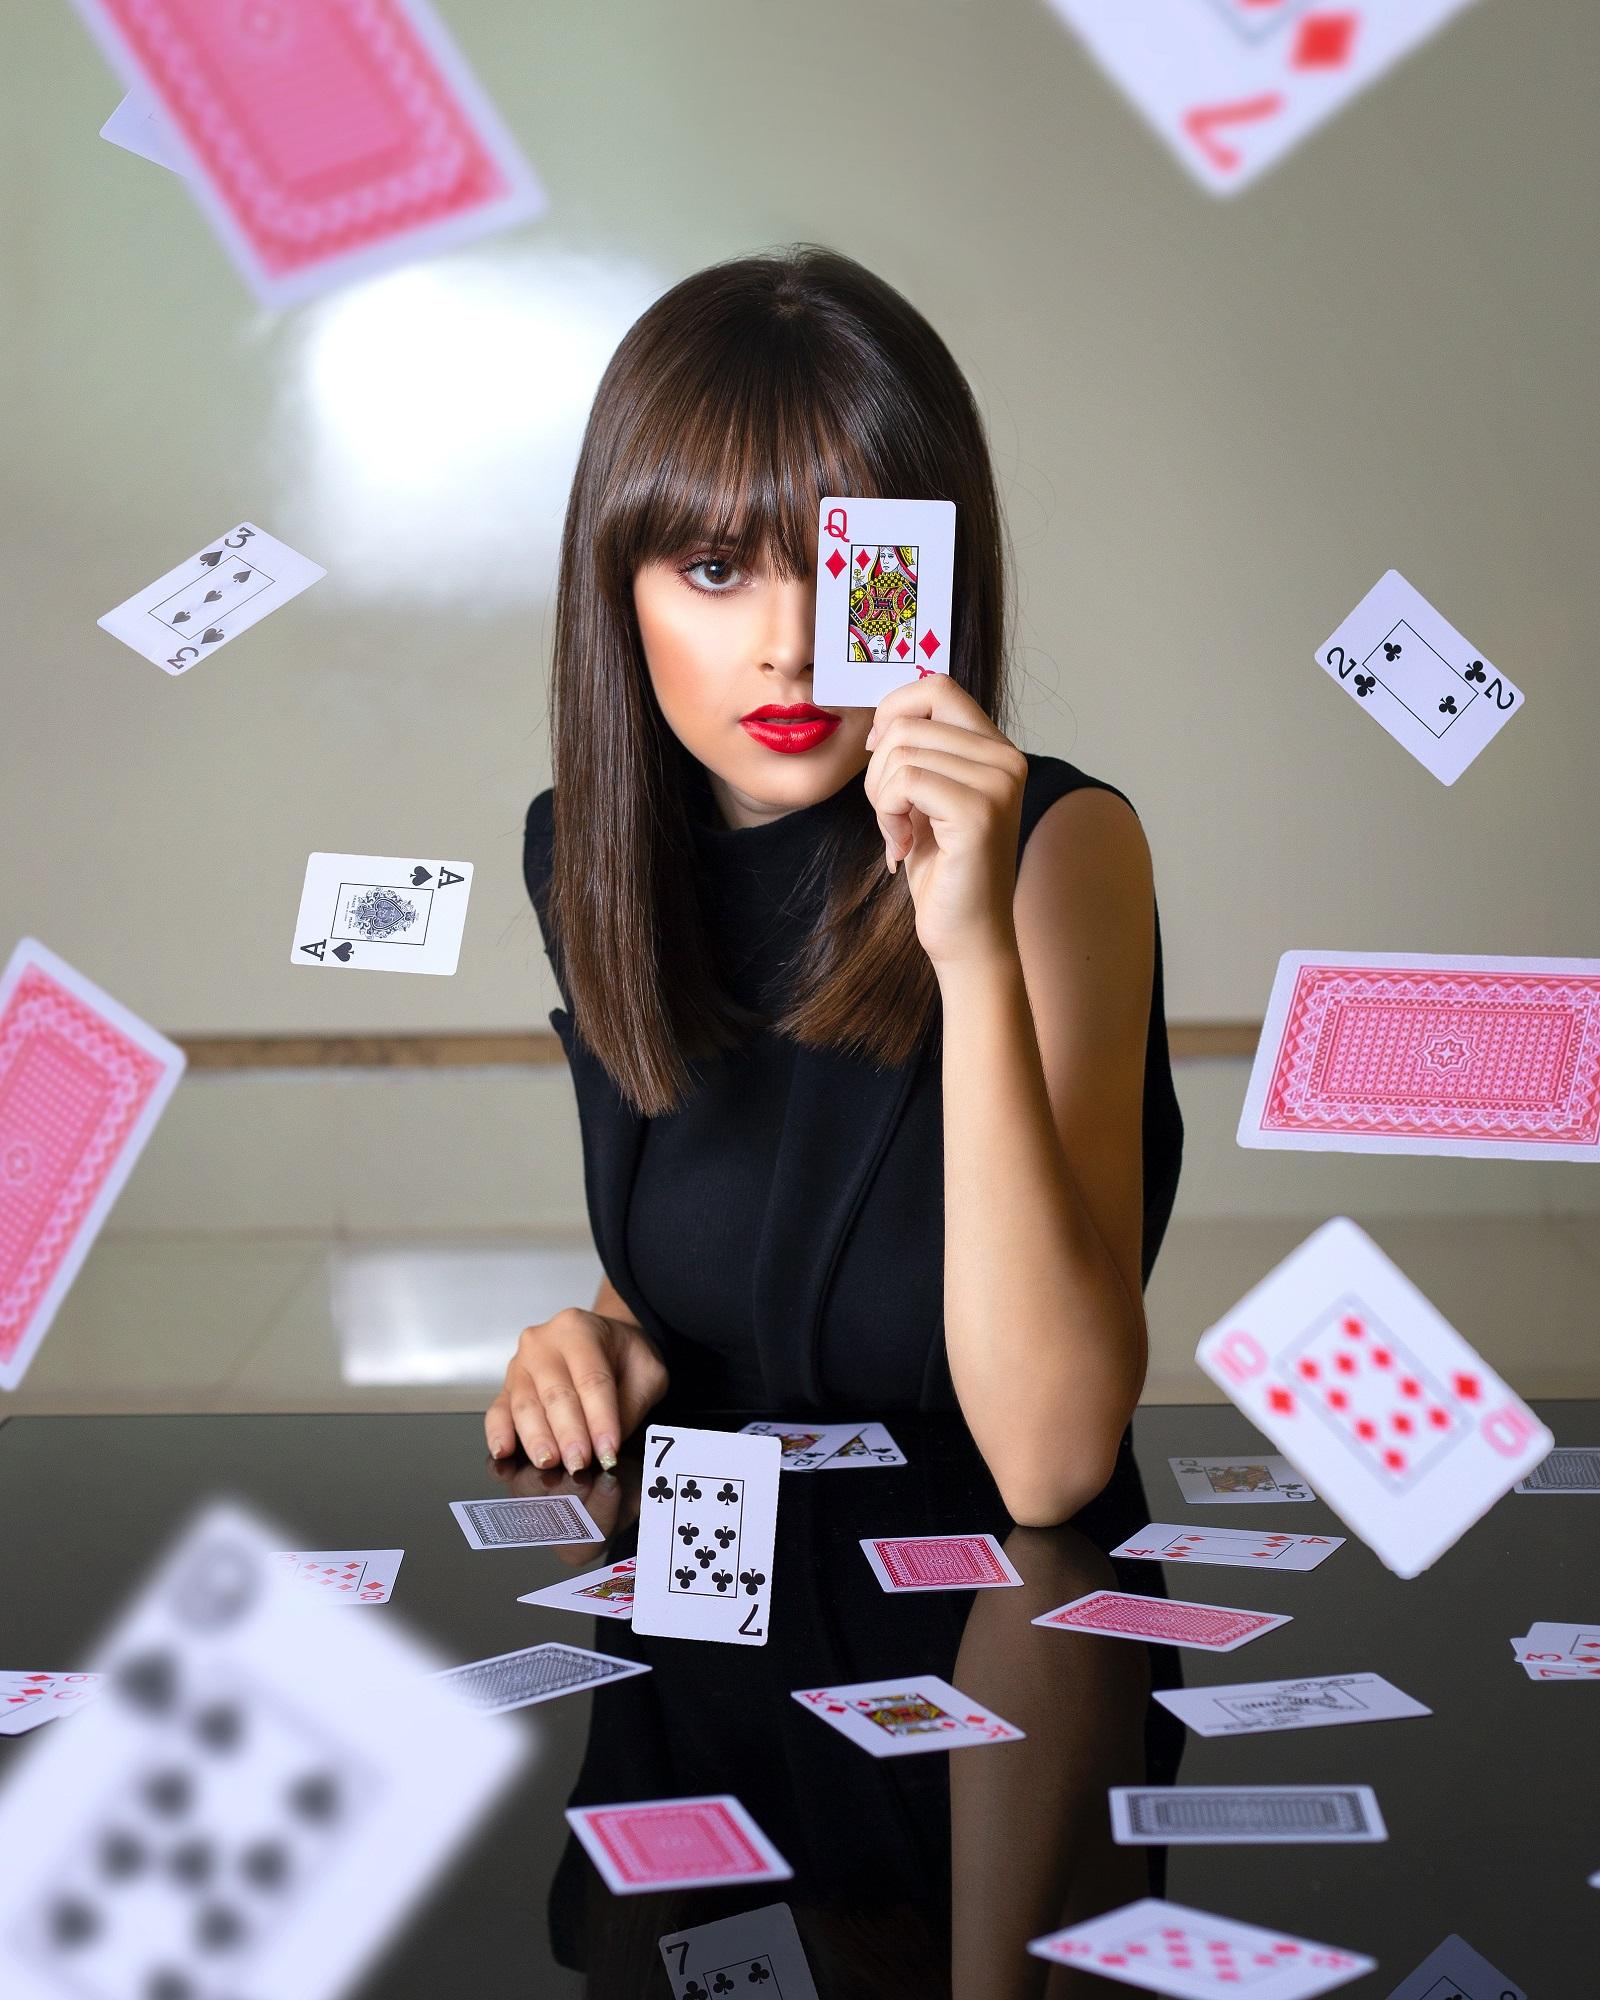 Application de casino mobile : tout ce dont vous avez besoin pour vous divertir